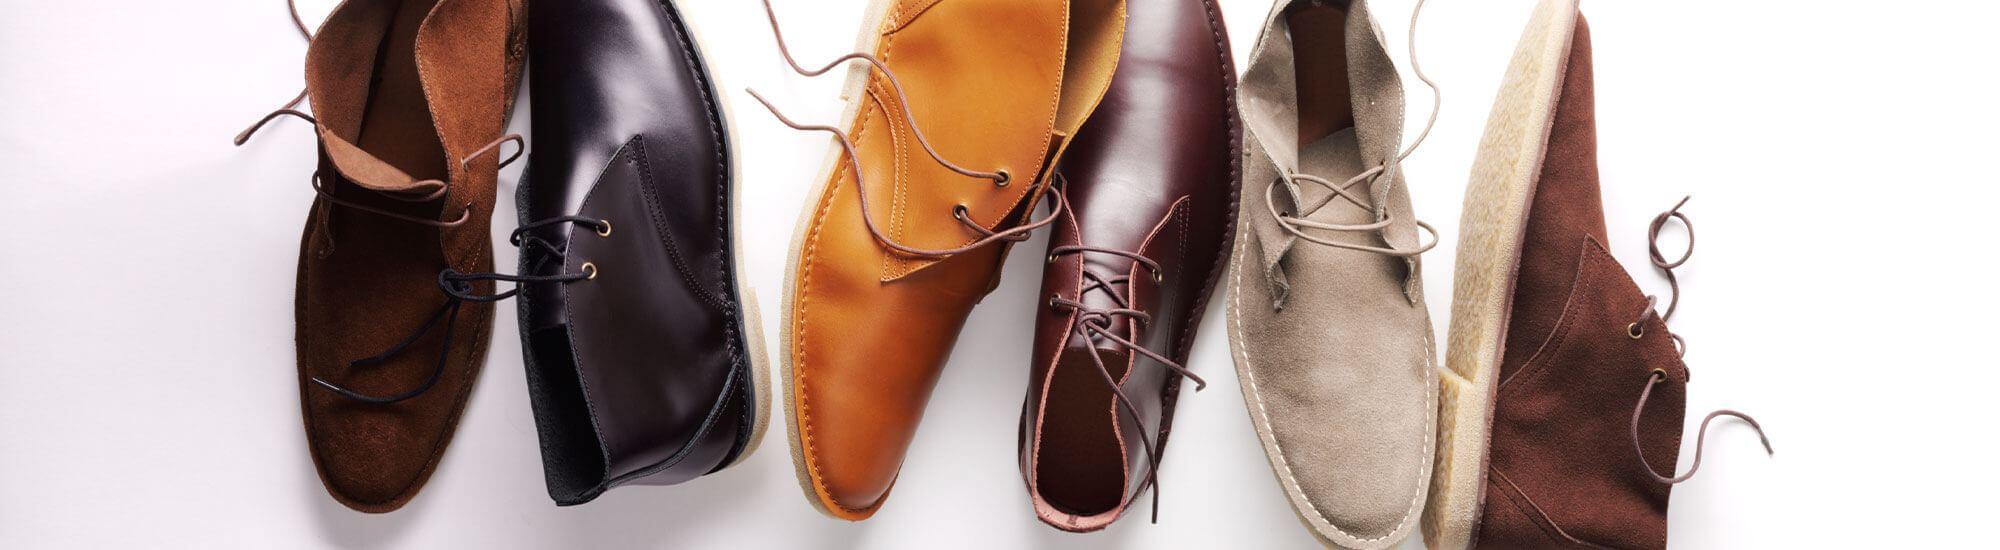 Classic. Casual. Unique Shoes